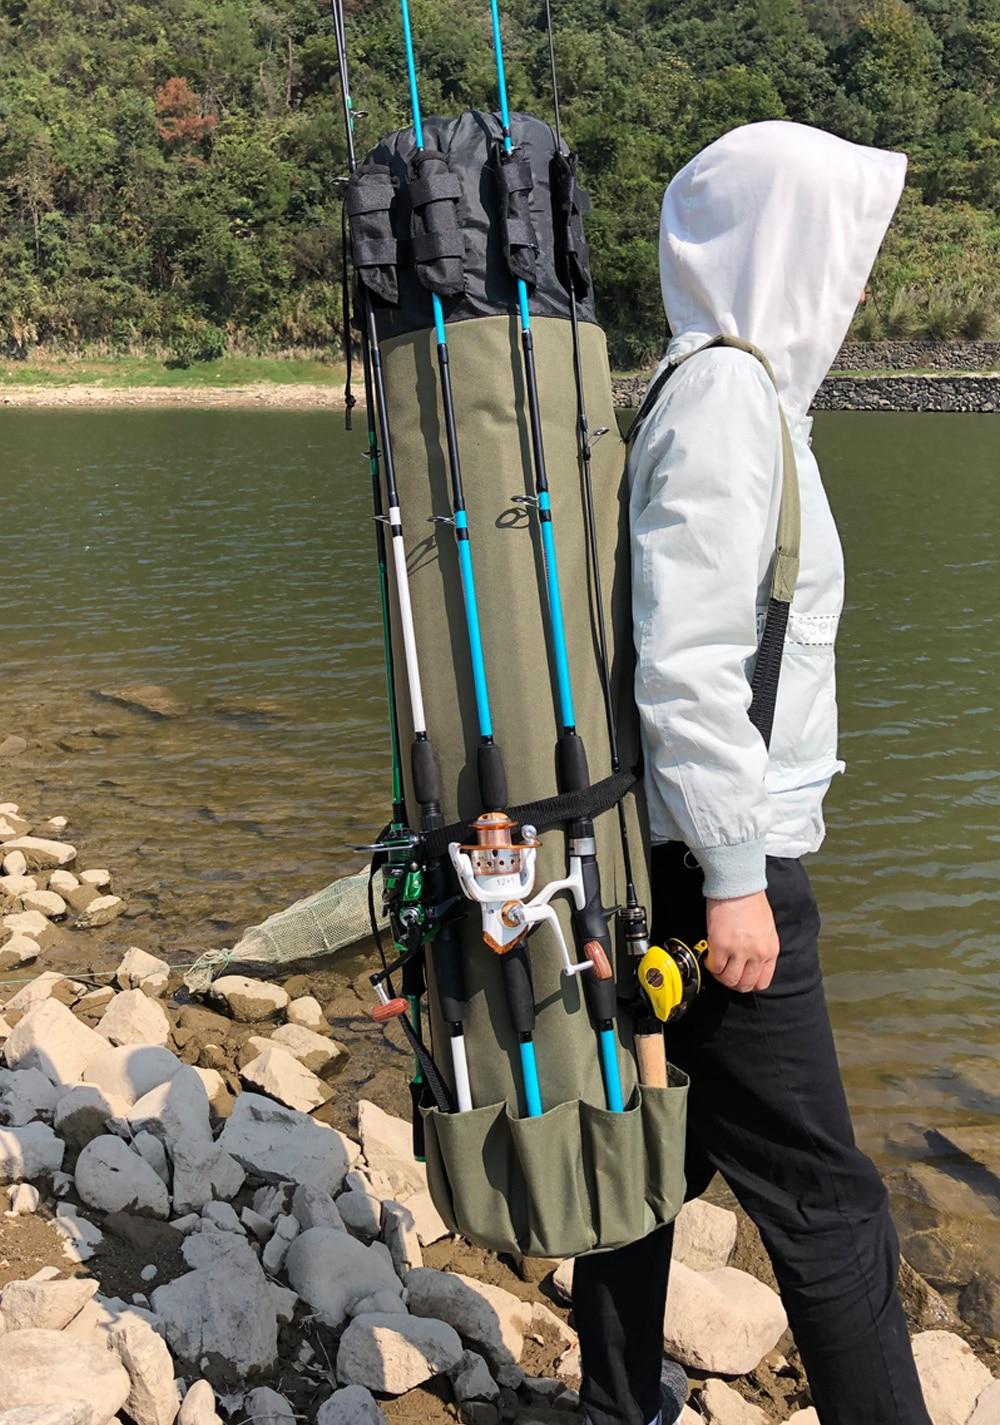 Ghotda multifuncional verde preto vara de pesca